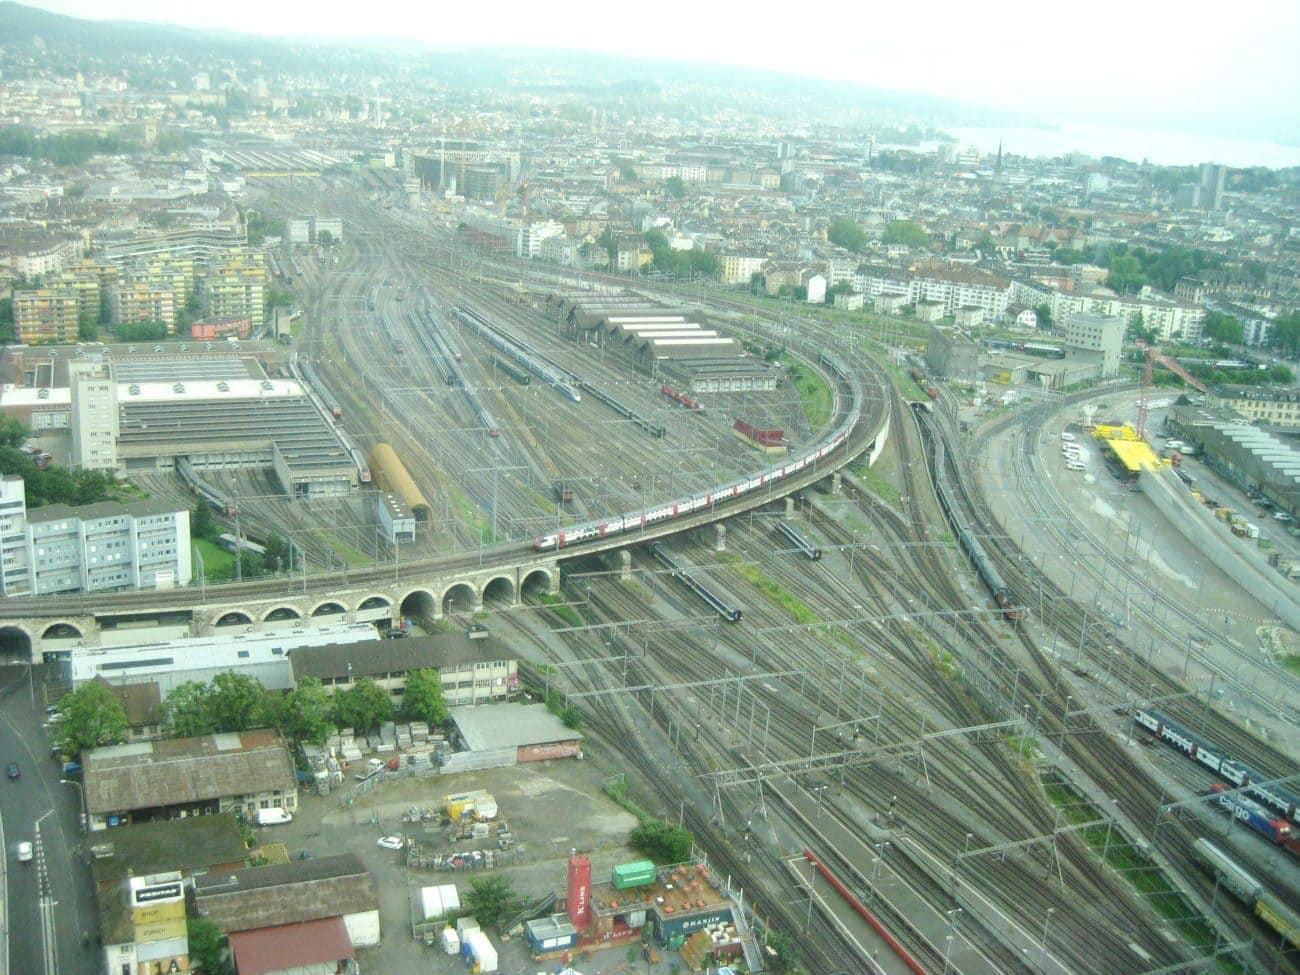 Der regnerisch-trübe Tag mildert das Faszinierende dieser Aussicht nicht. Wer sitzt an einem verregneten Sommertag nicht gerne im Warmen, 120 Meter über der Stadt Zürich?